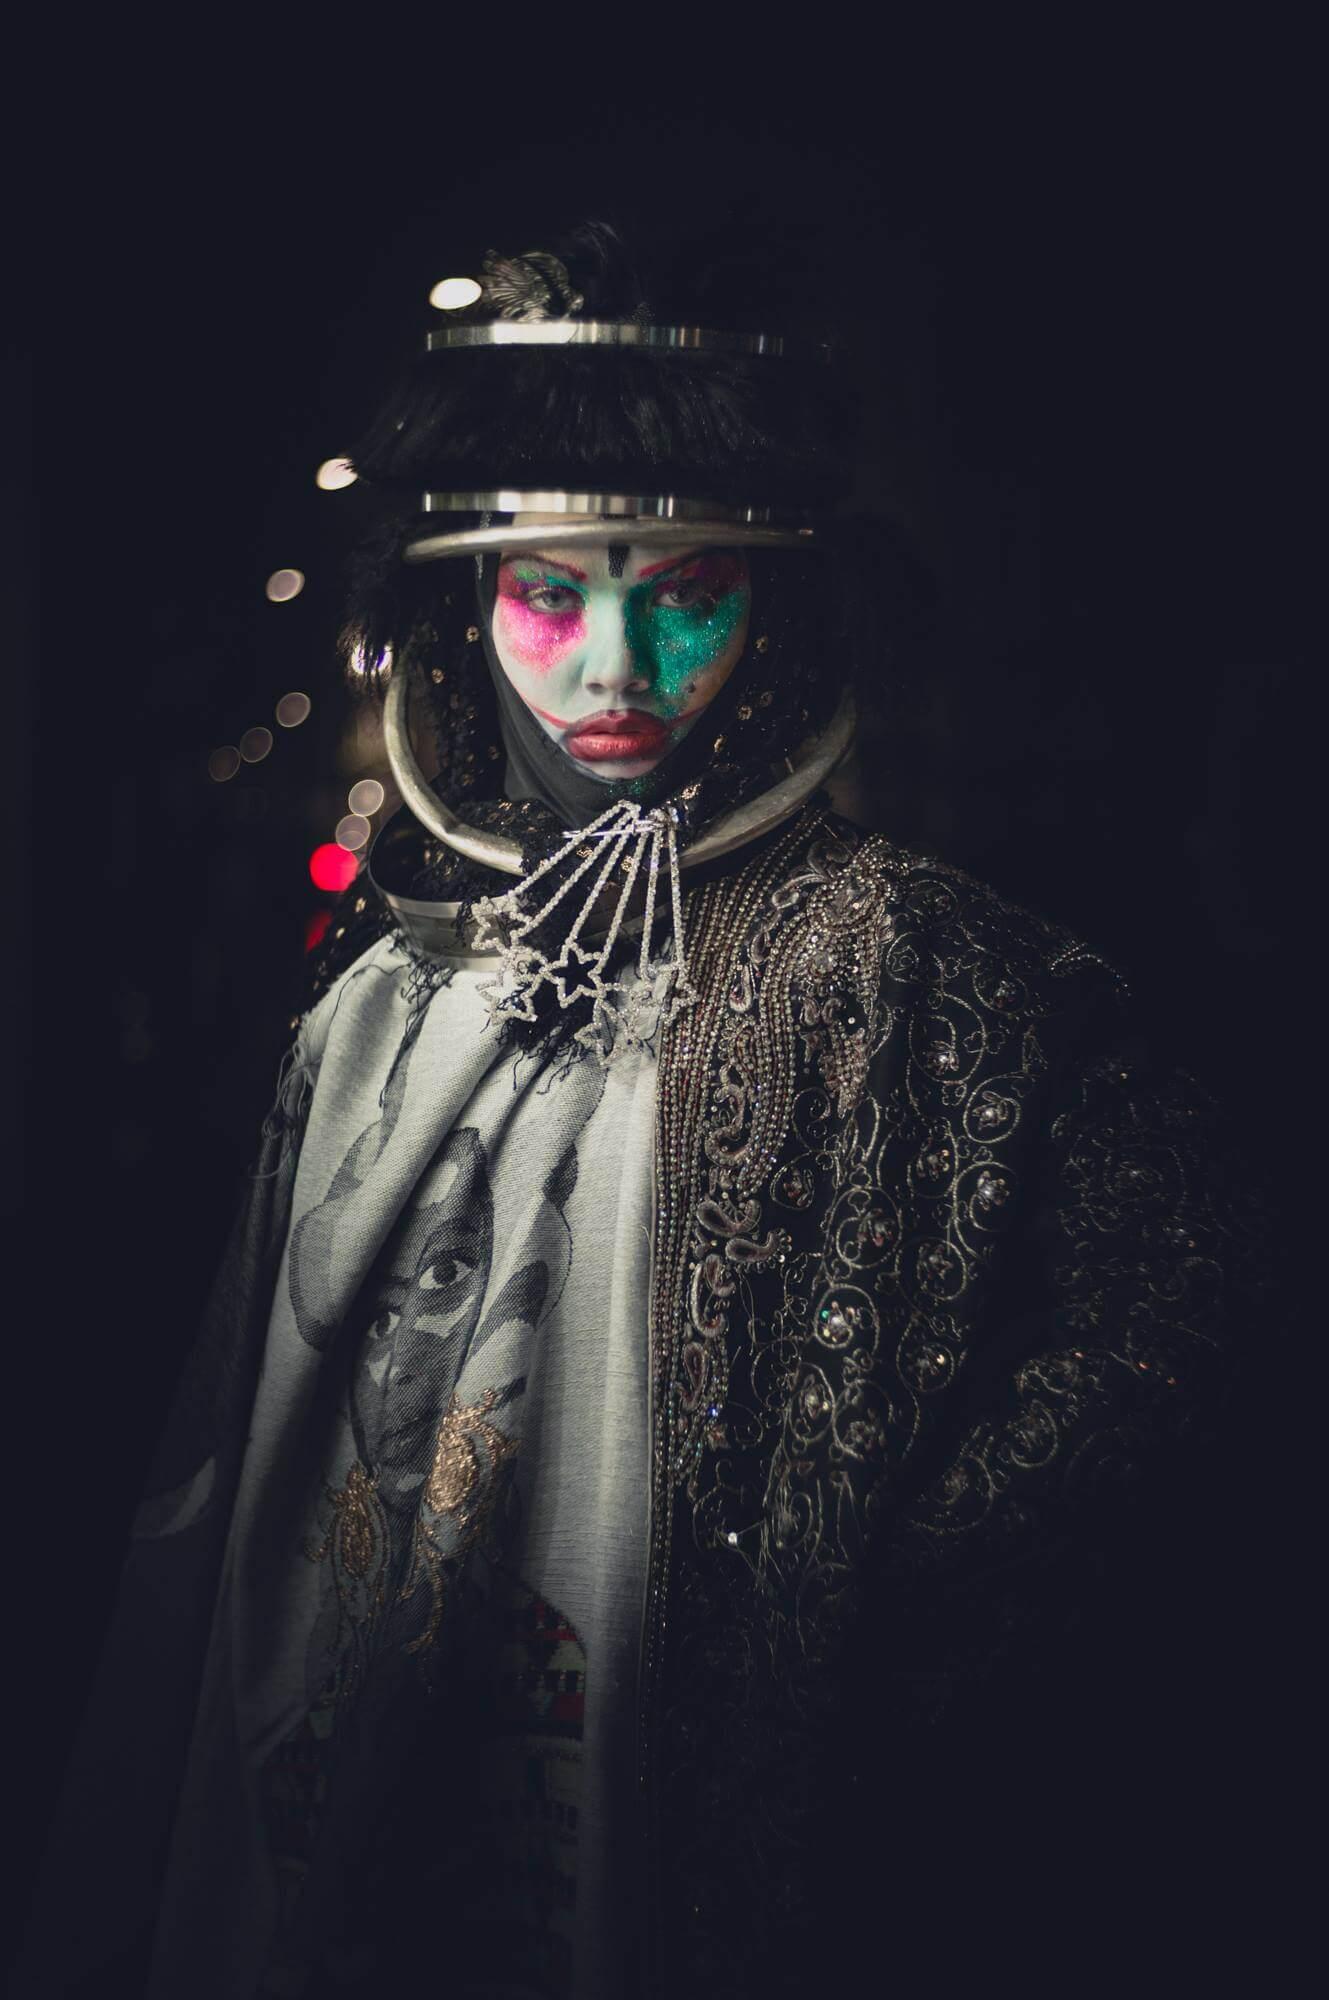 Daniel Lismore, Apócrifa Art Magazine